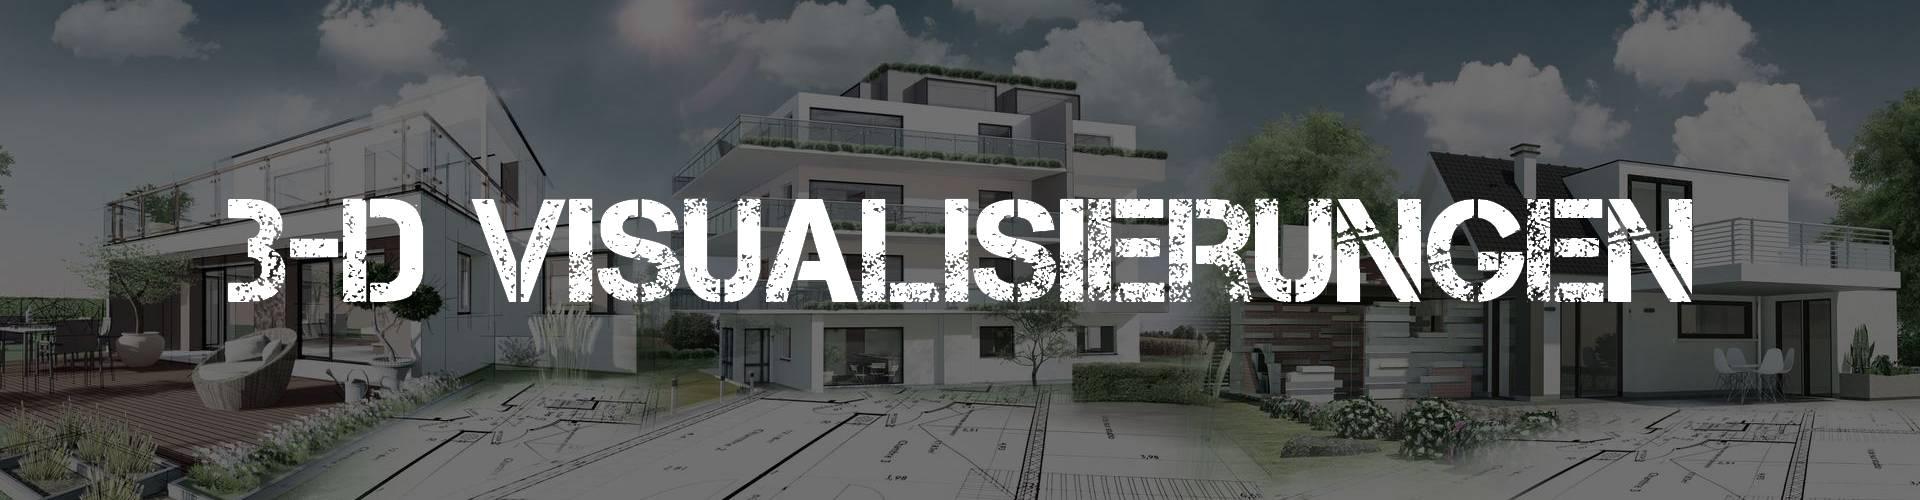 3D-Visualisierungen-Produktvisualisierungen-Agentur-Hannover-Langenhagen-Region-Prometheus-Webdesign